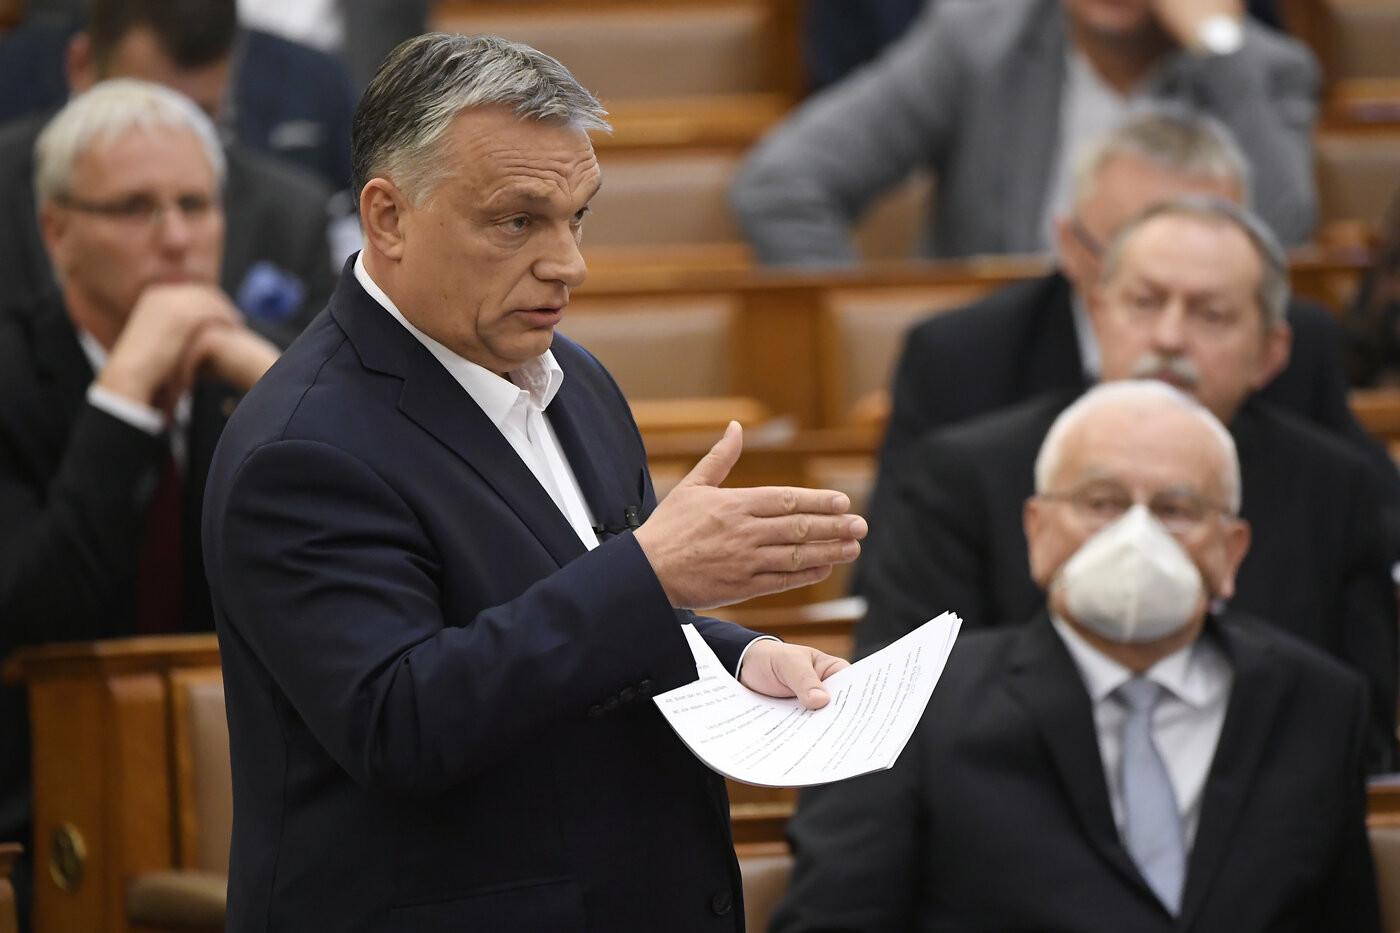 Unione europea, il partito di Orban lascia il Ppe